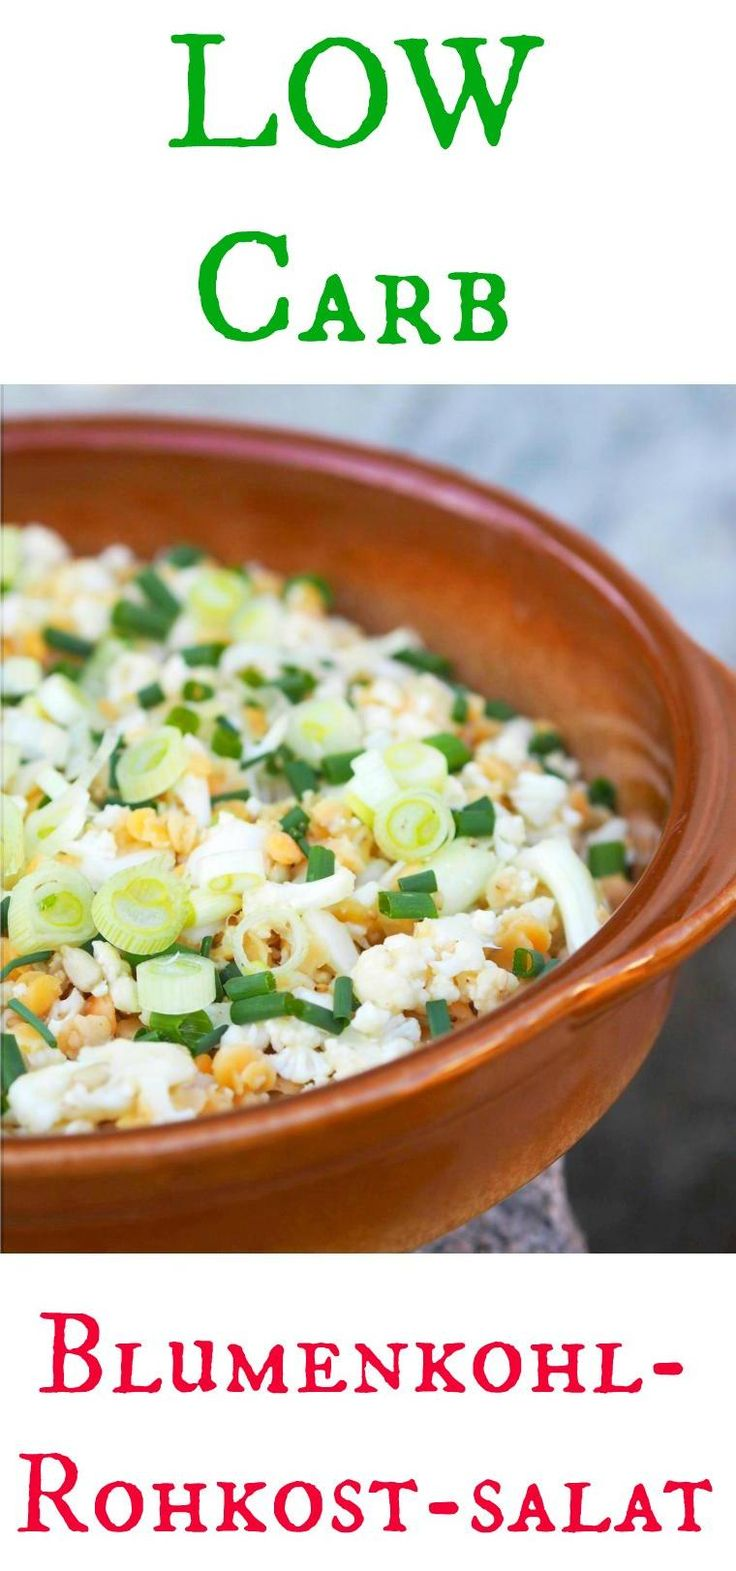 die besten 25 brokkolisalat ideen auf pinterest spinat salat spinatsalat und brokkoli. Black Bedroom Furniture Sets. Home Design Ideas